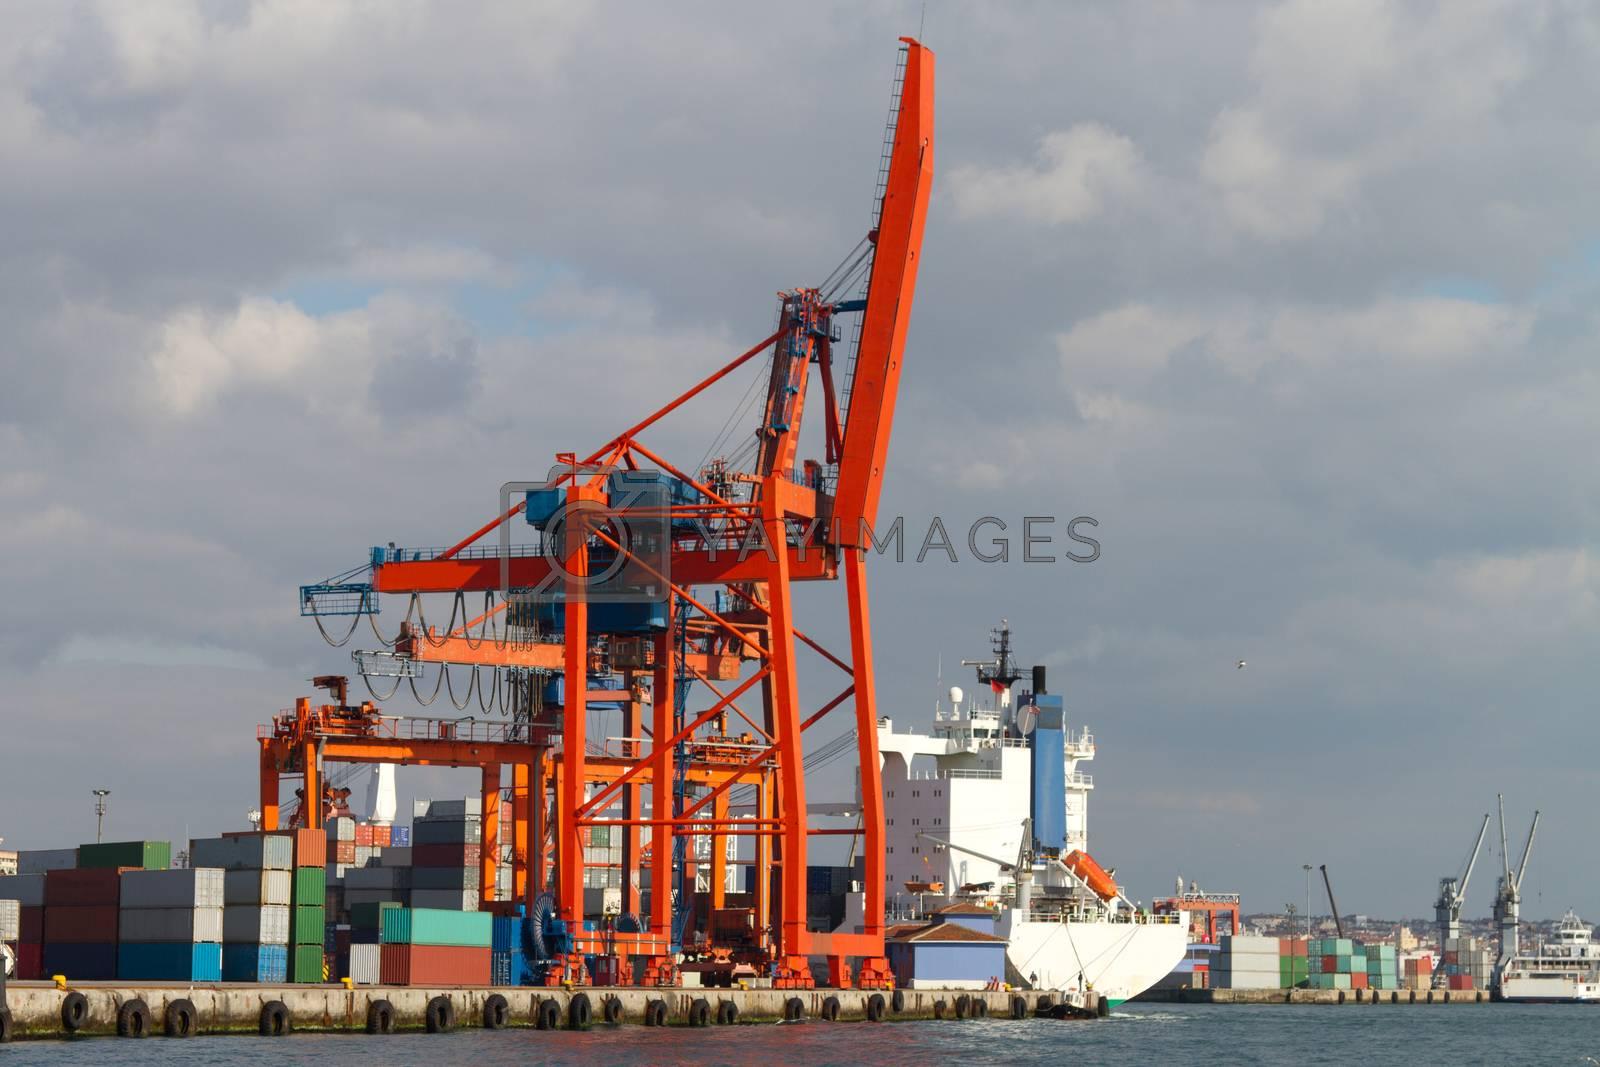 Royalty free image of Port by EvrenKalinbacak